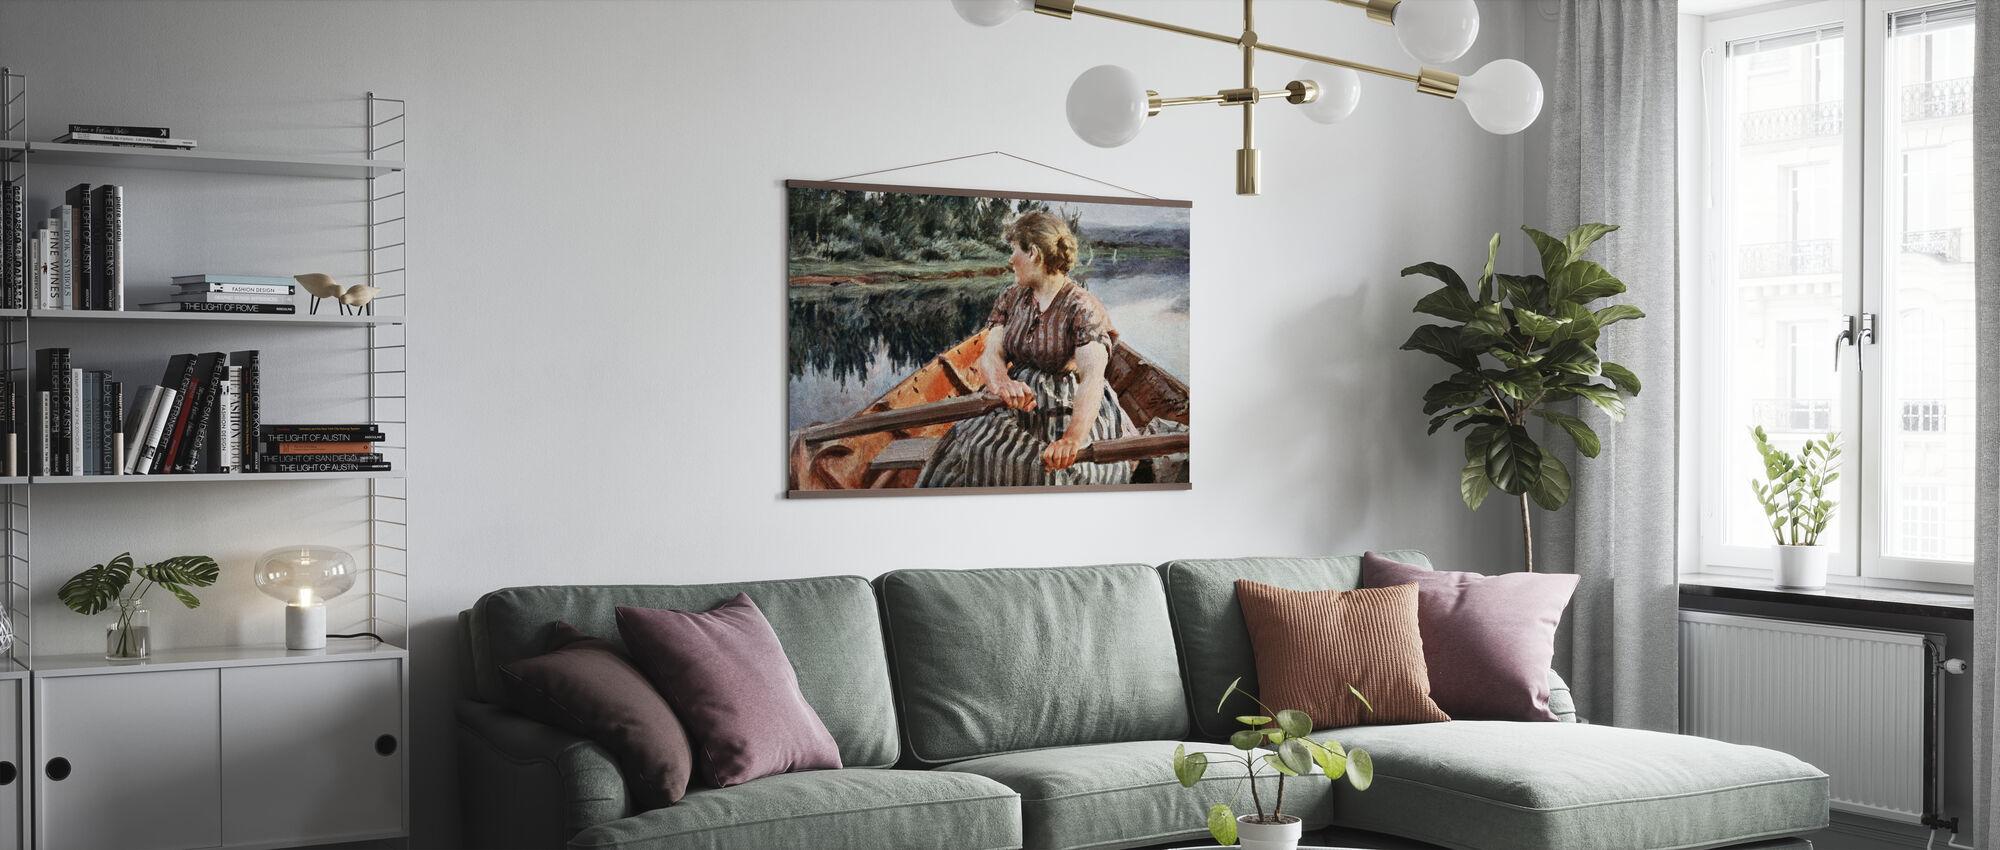 Mittsommernacht, Anders Zorn - Poster - Wohnzimmer